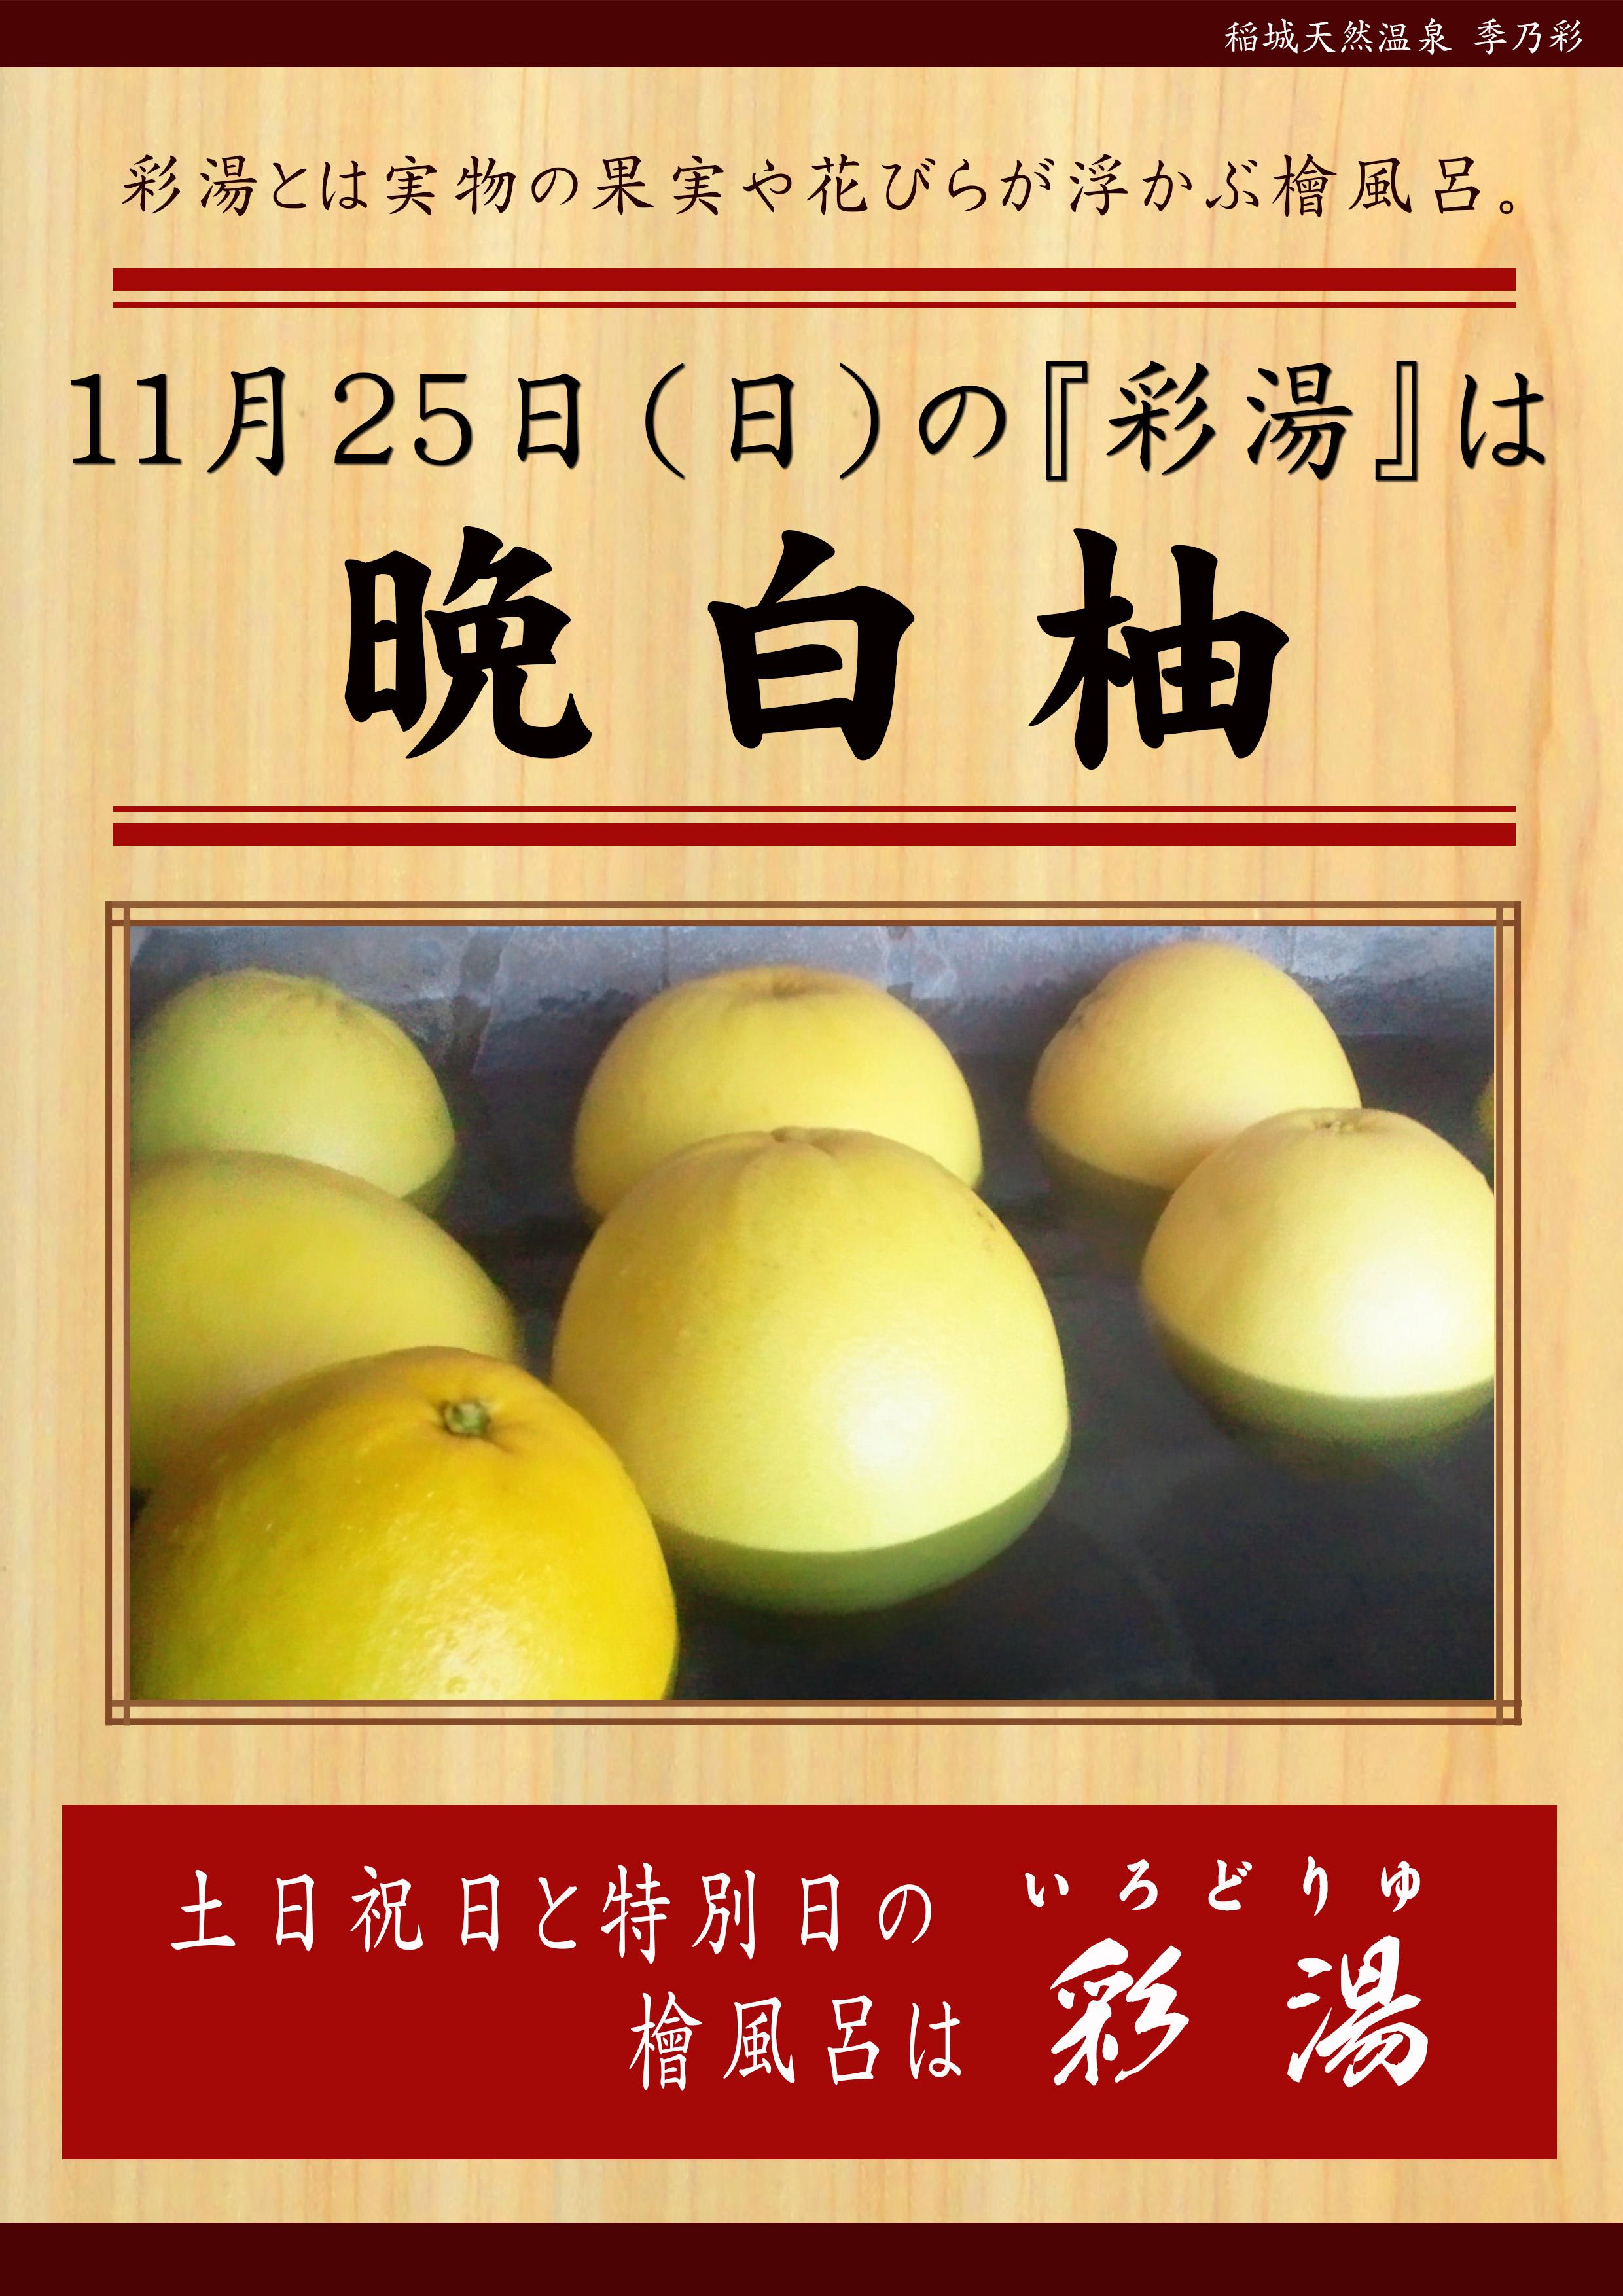 20181125POP イベント 彩湯 晩白柚